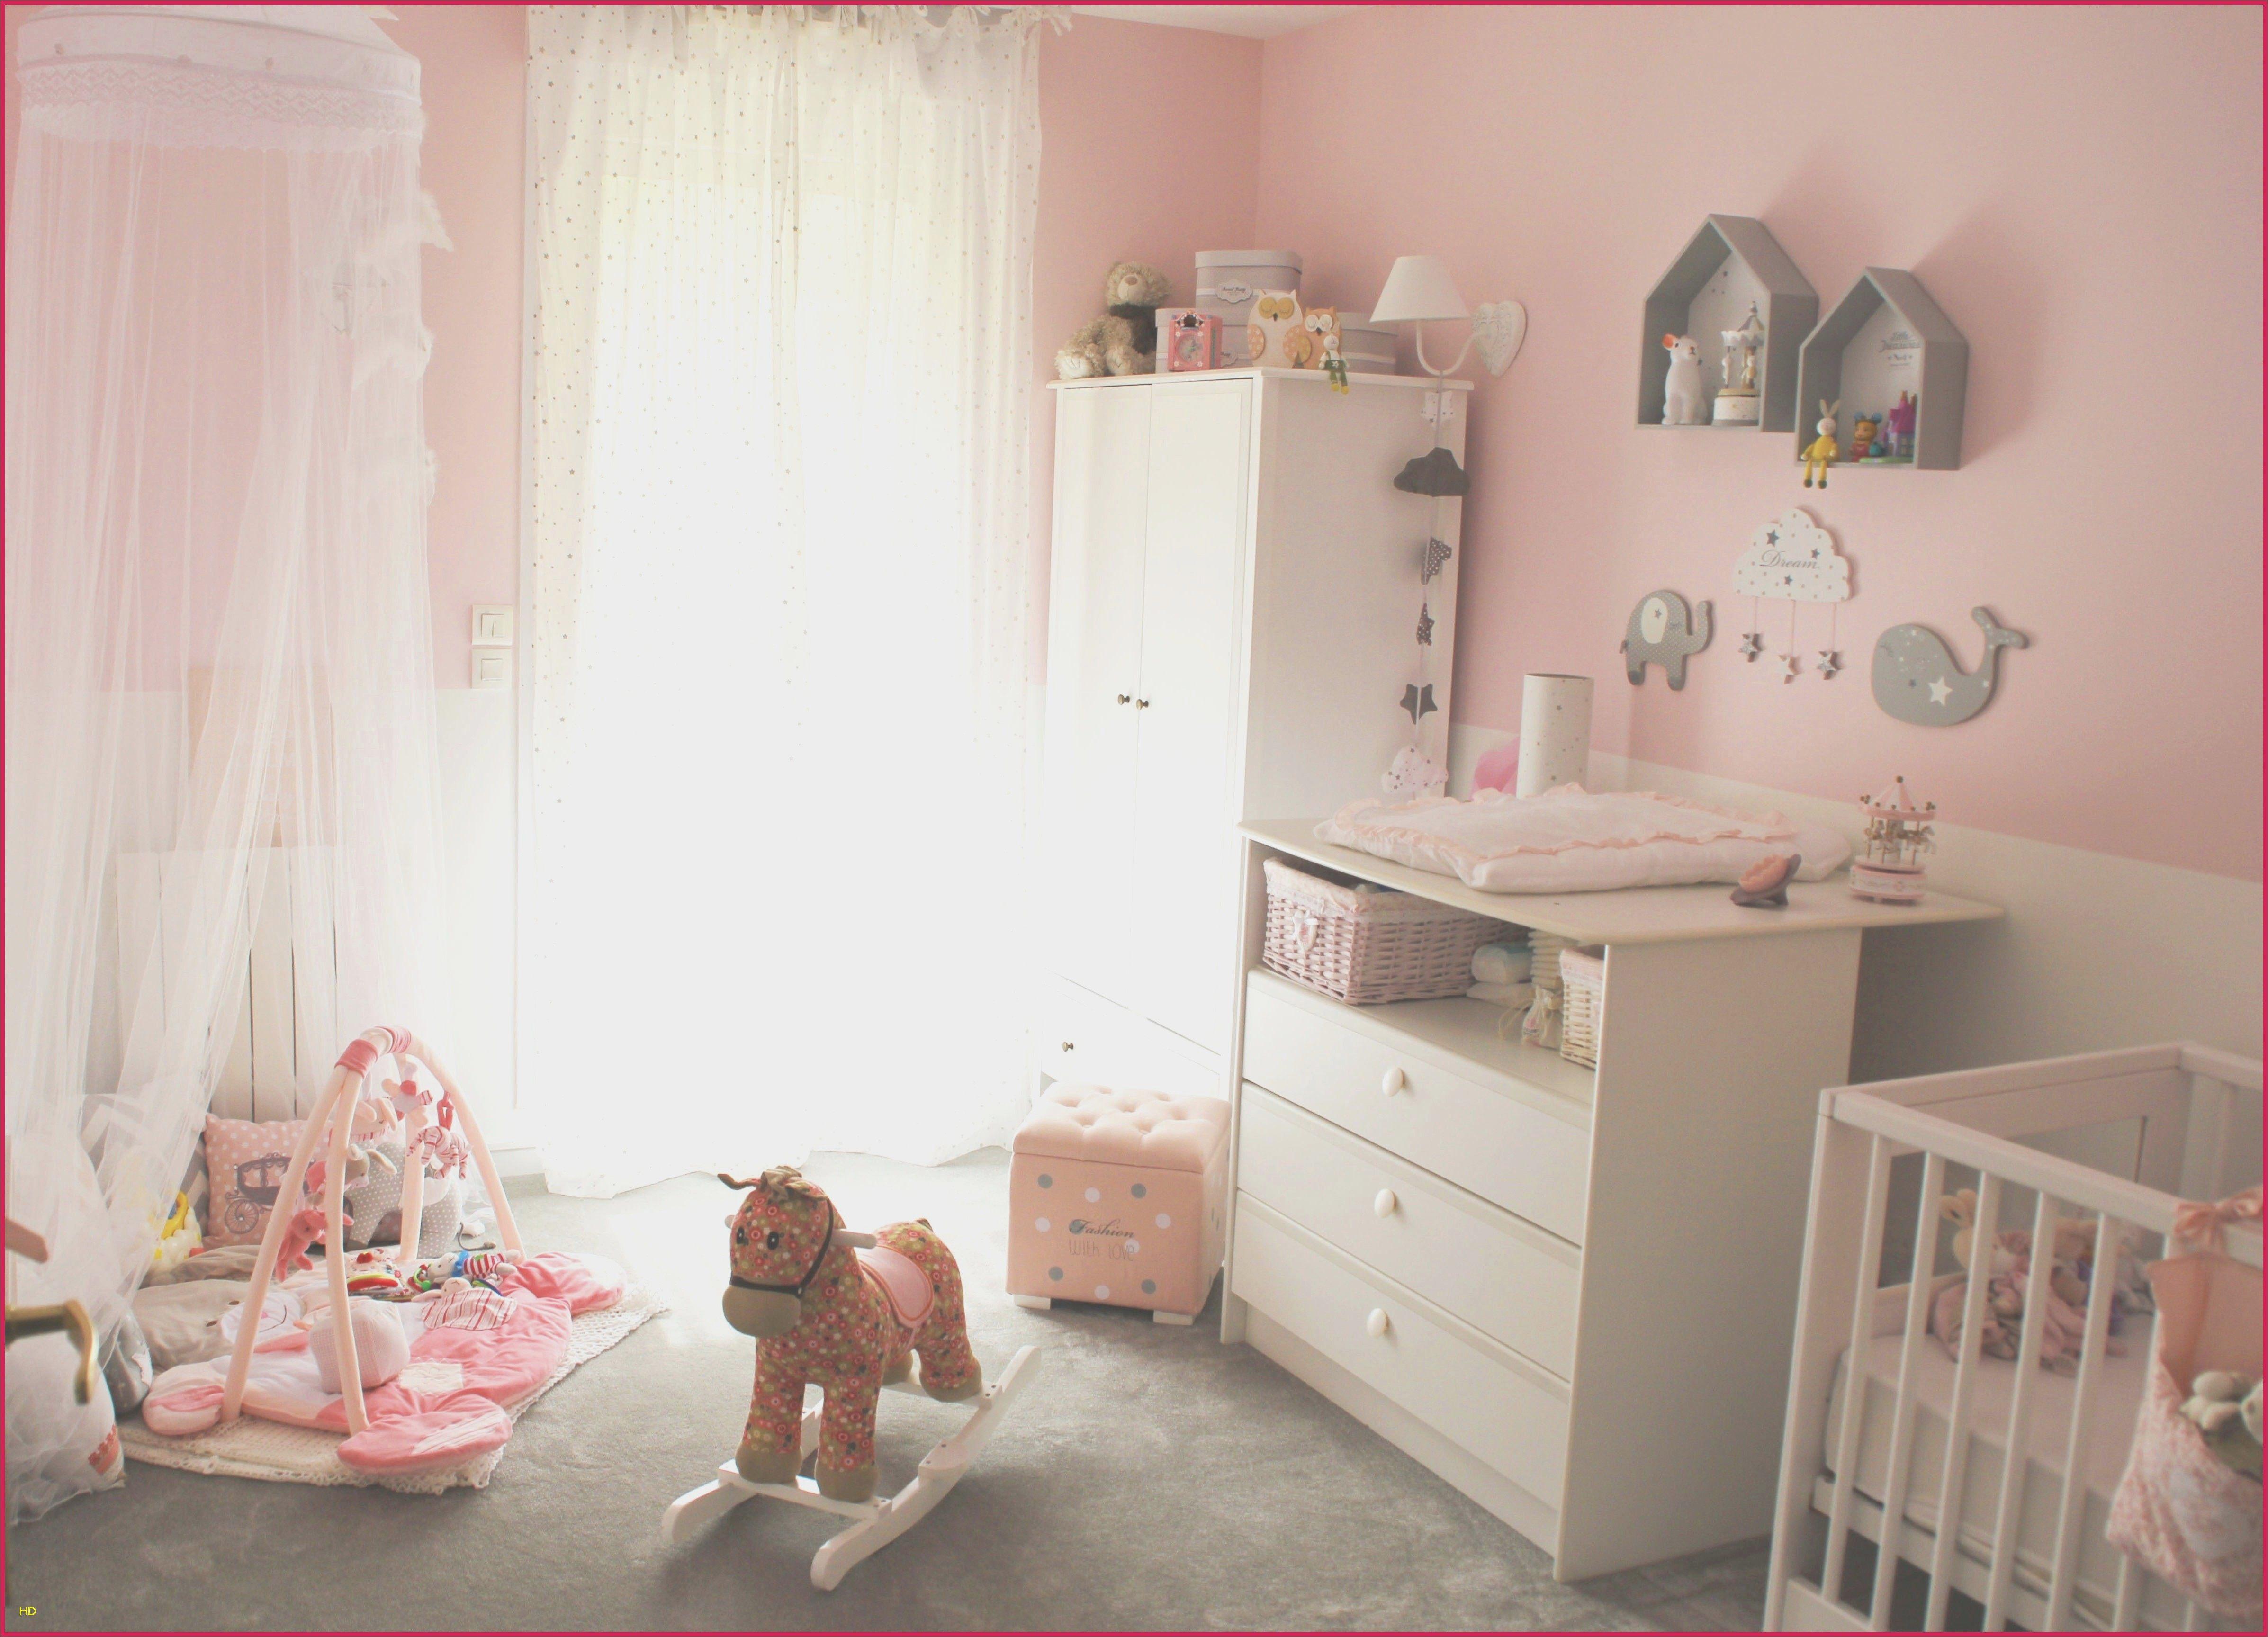 Lit Au sol Bébé Impressionnant Baignoire Pliante Bébé Beautiful Lit Bebe Luxe 36 Ikea Best De Avec